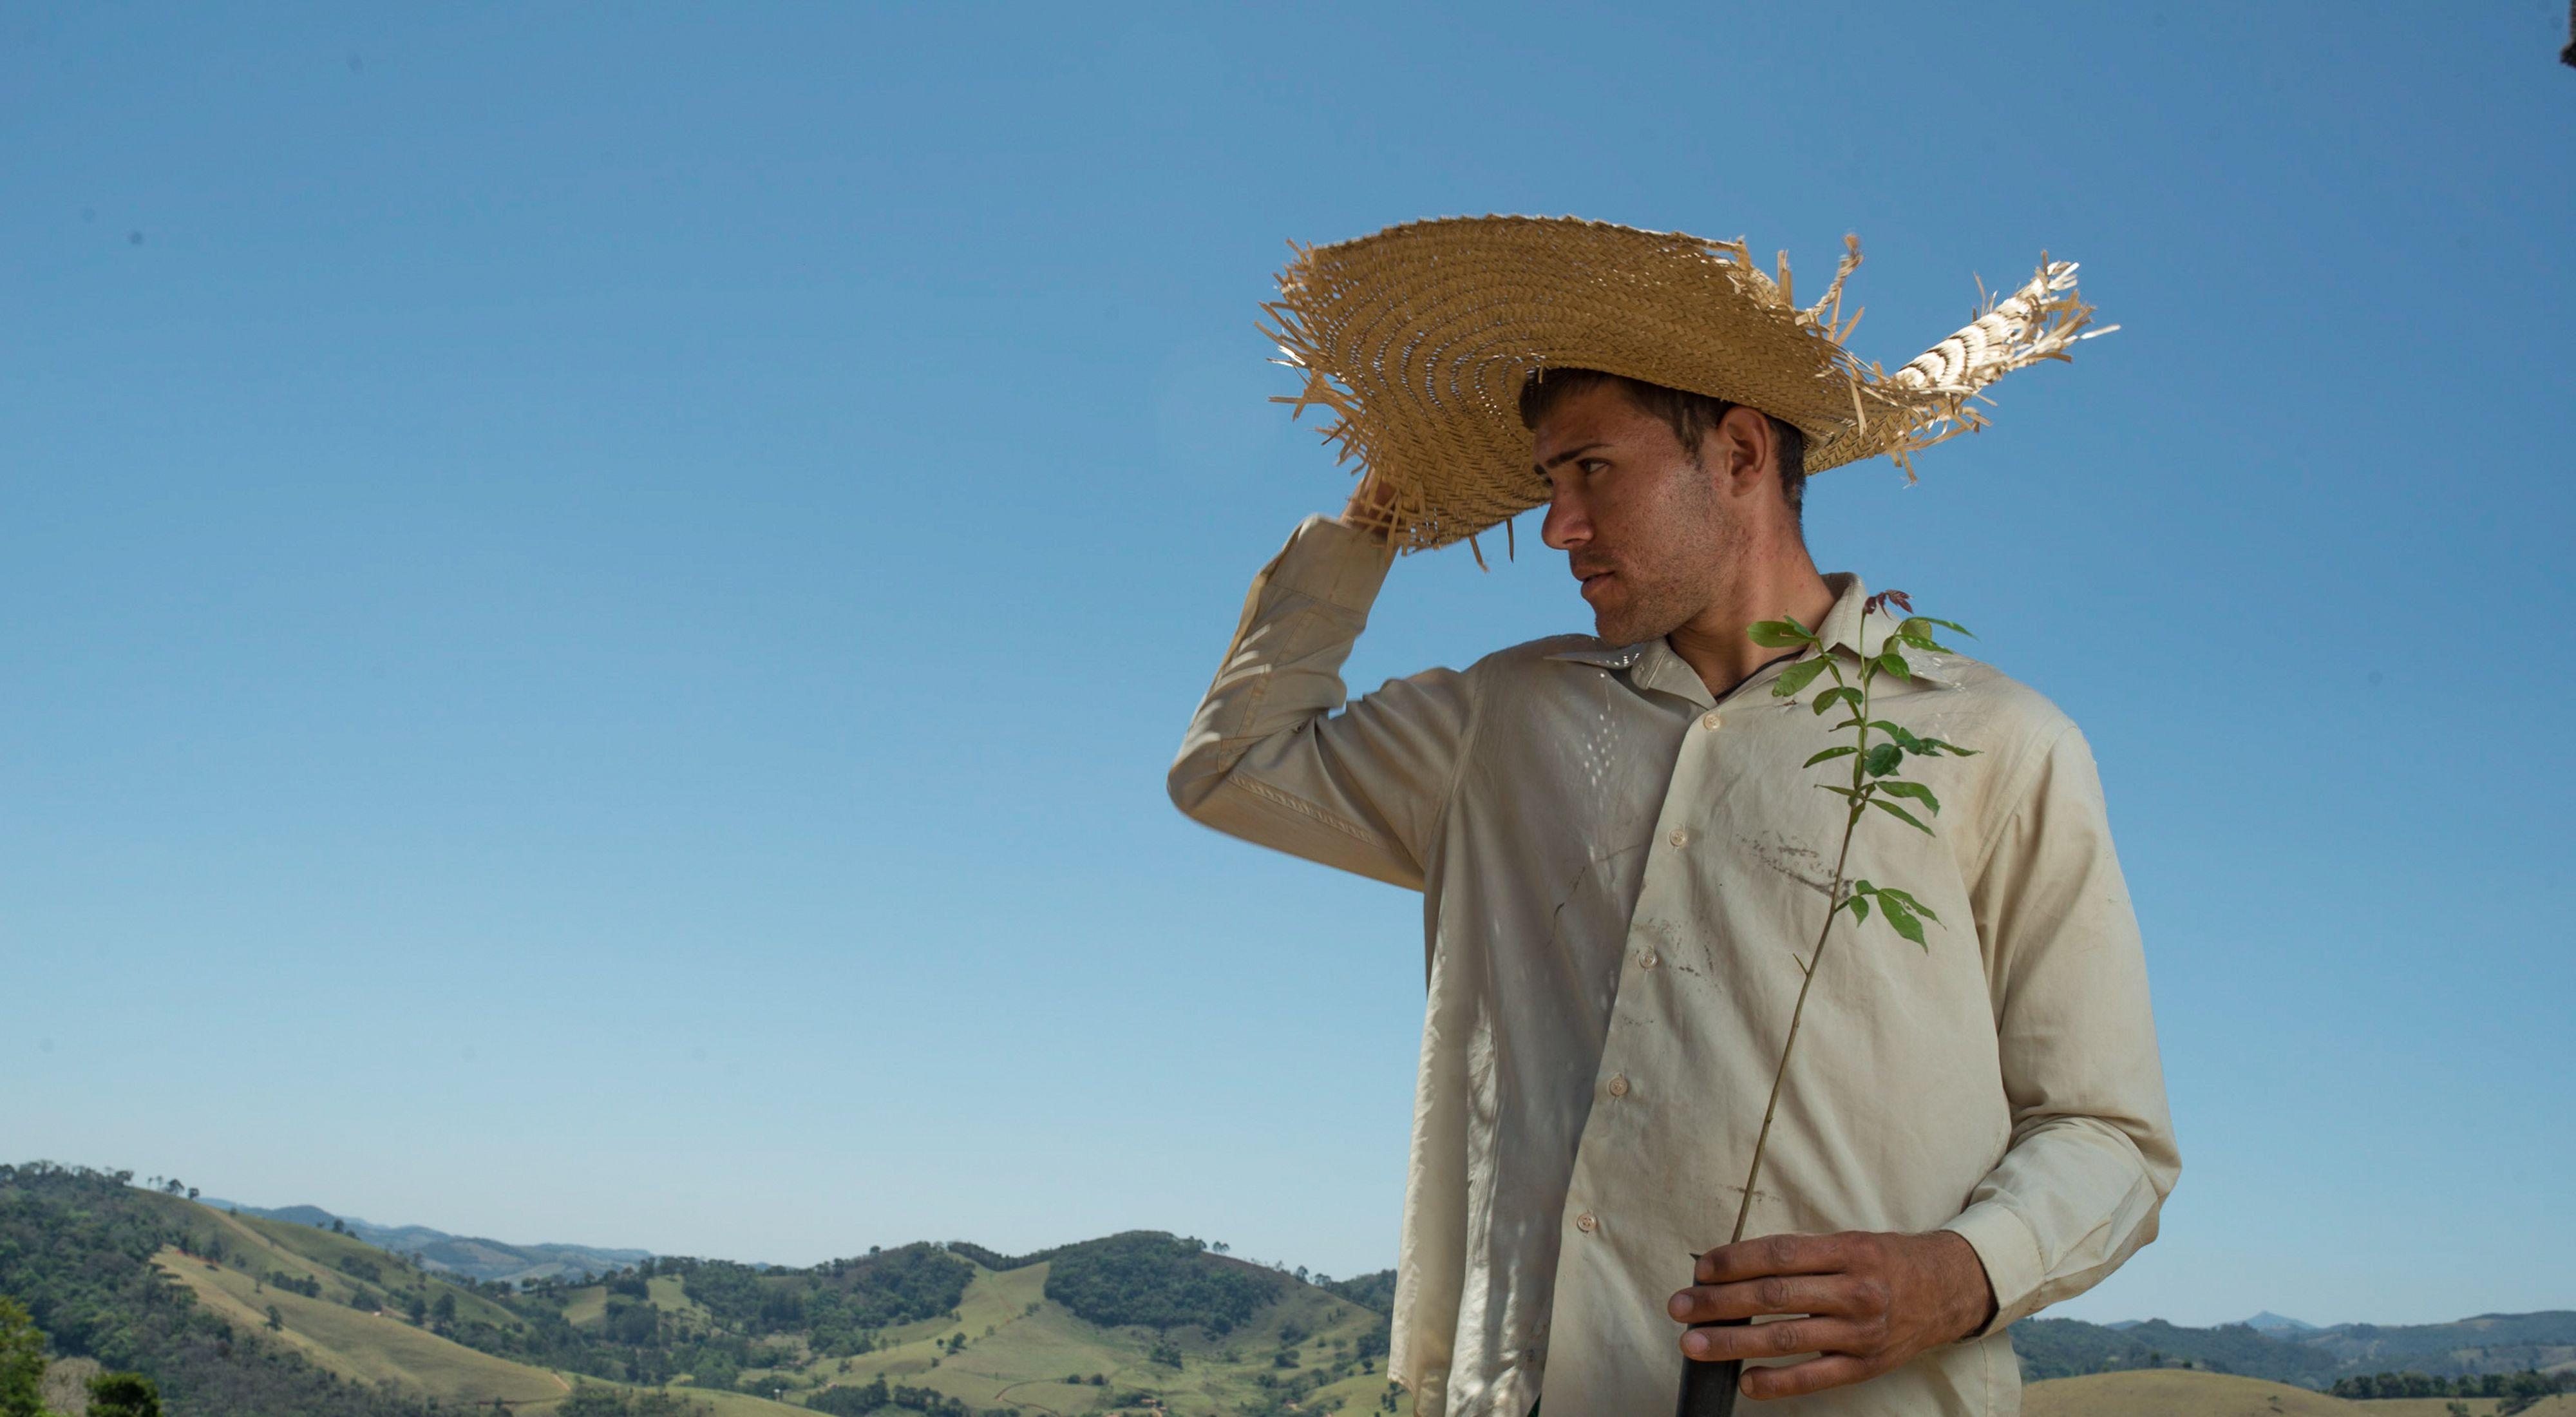 Vinicius Uchoa, un plantador de árboles local, está ayudando a reforestar la Cordillera Mantiqueria del muy agotado Bosque Atlántico de Brasil.